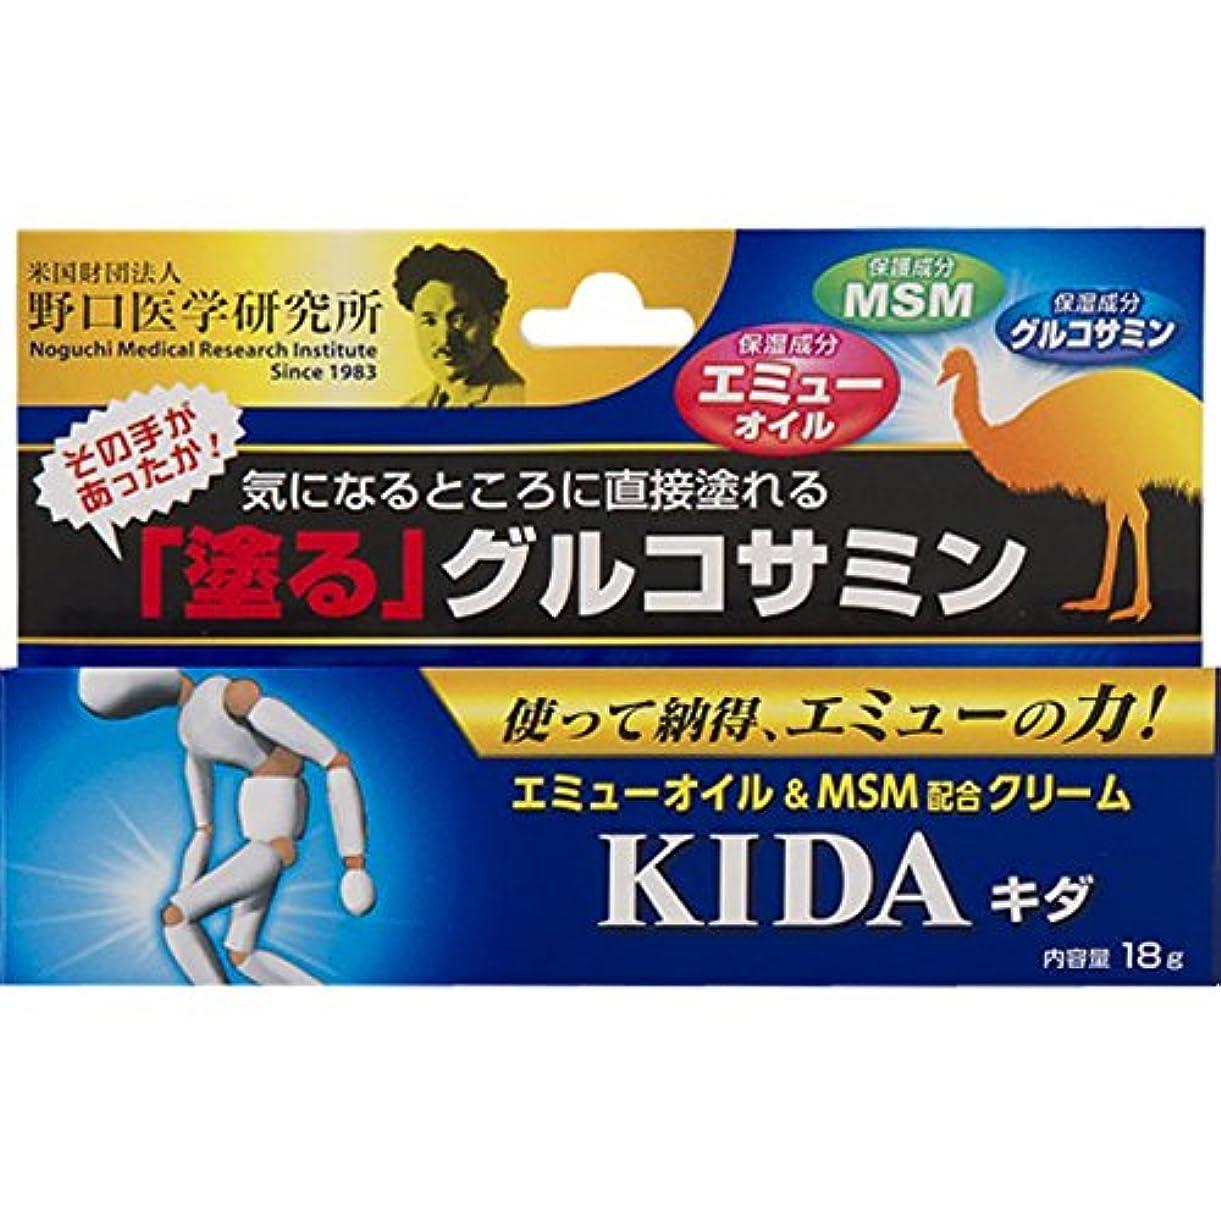 する追い払うブートキダ エミューオイル&MSM配合クリーム(18g)